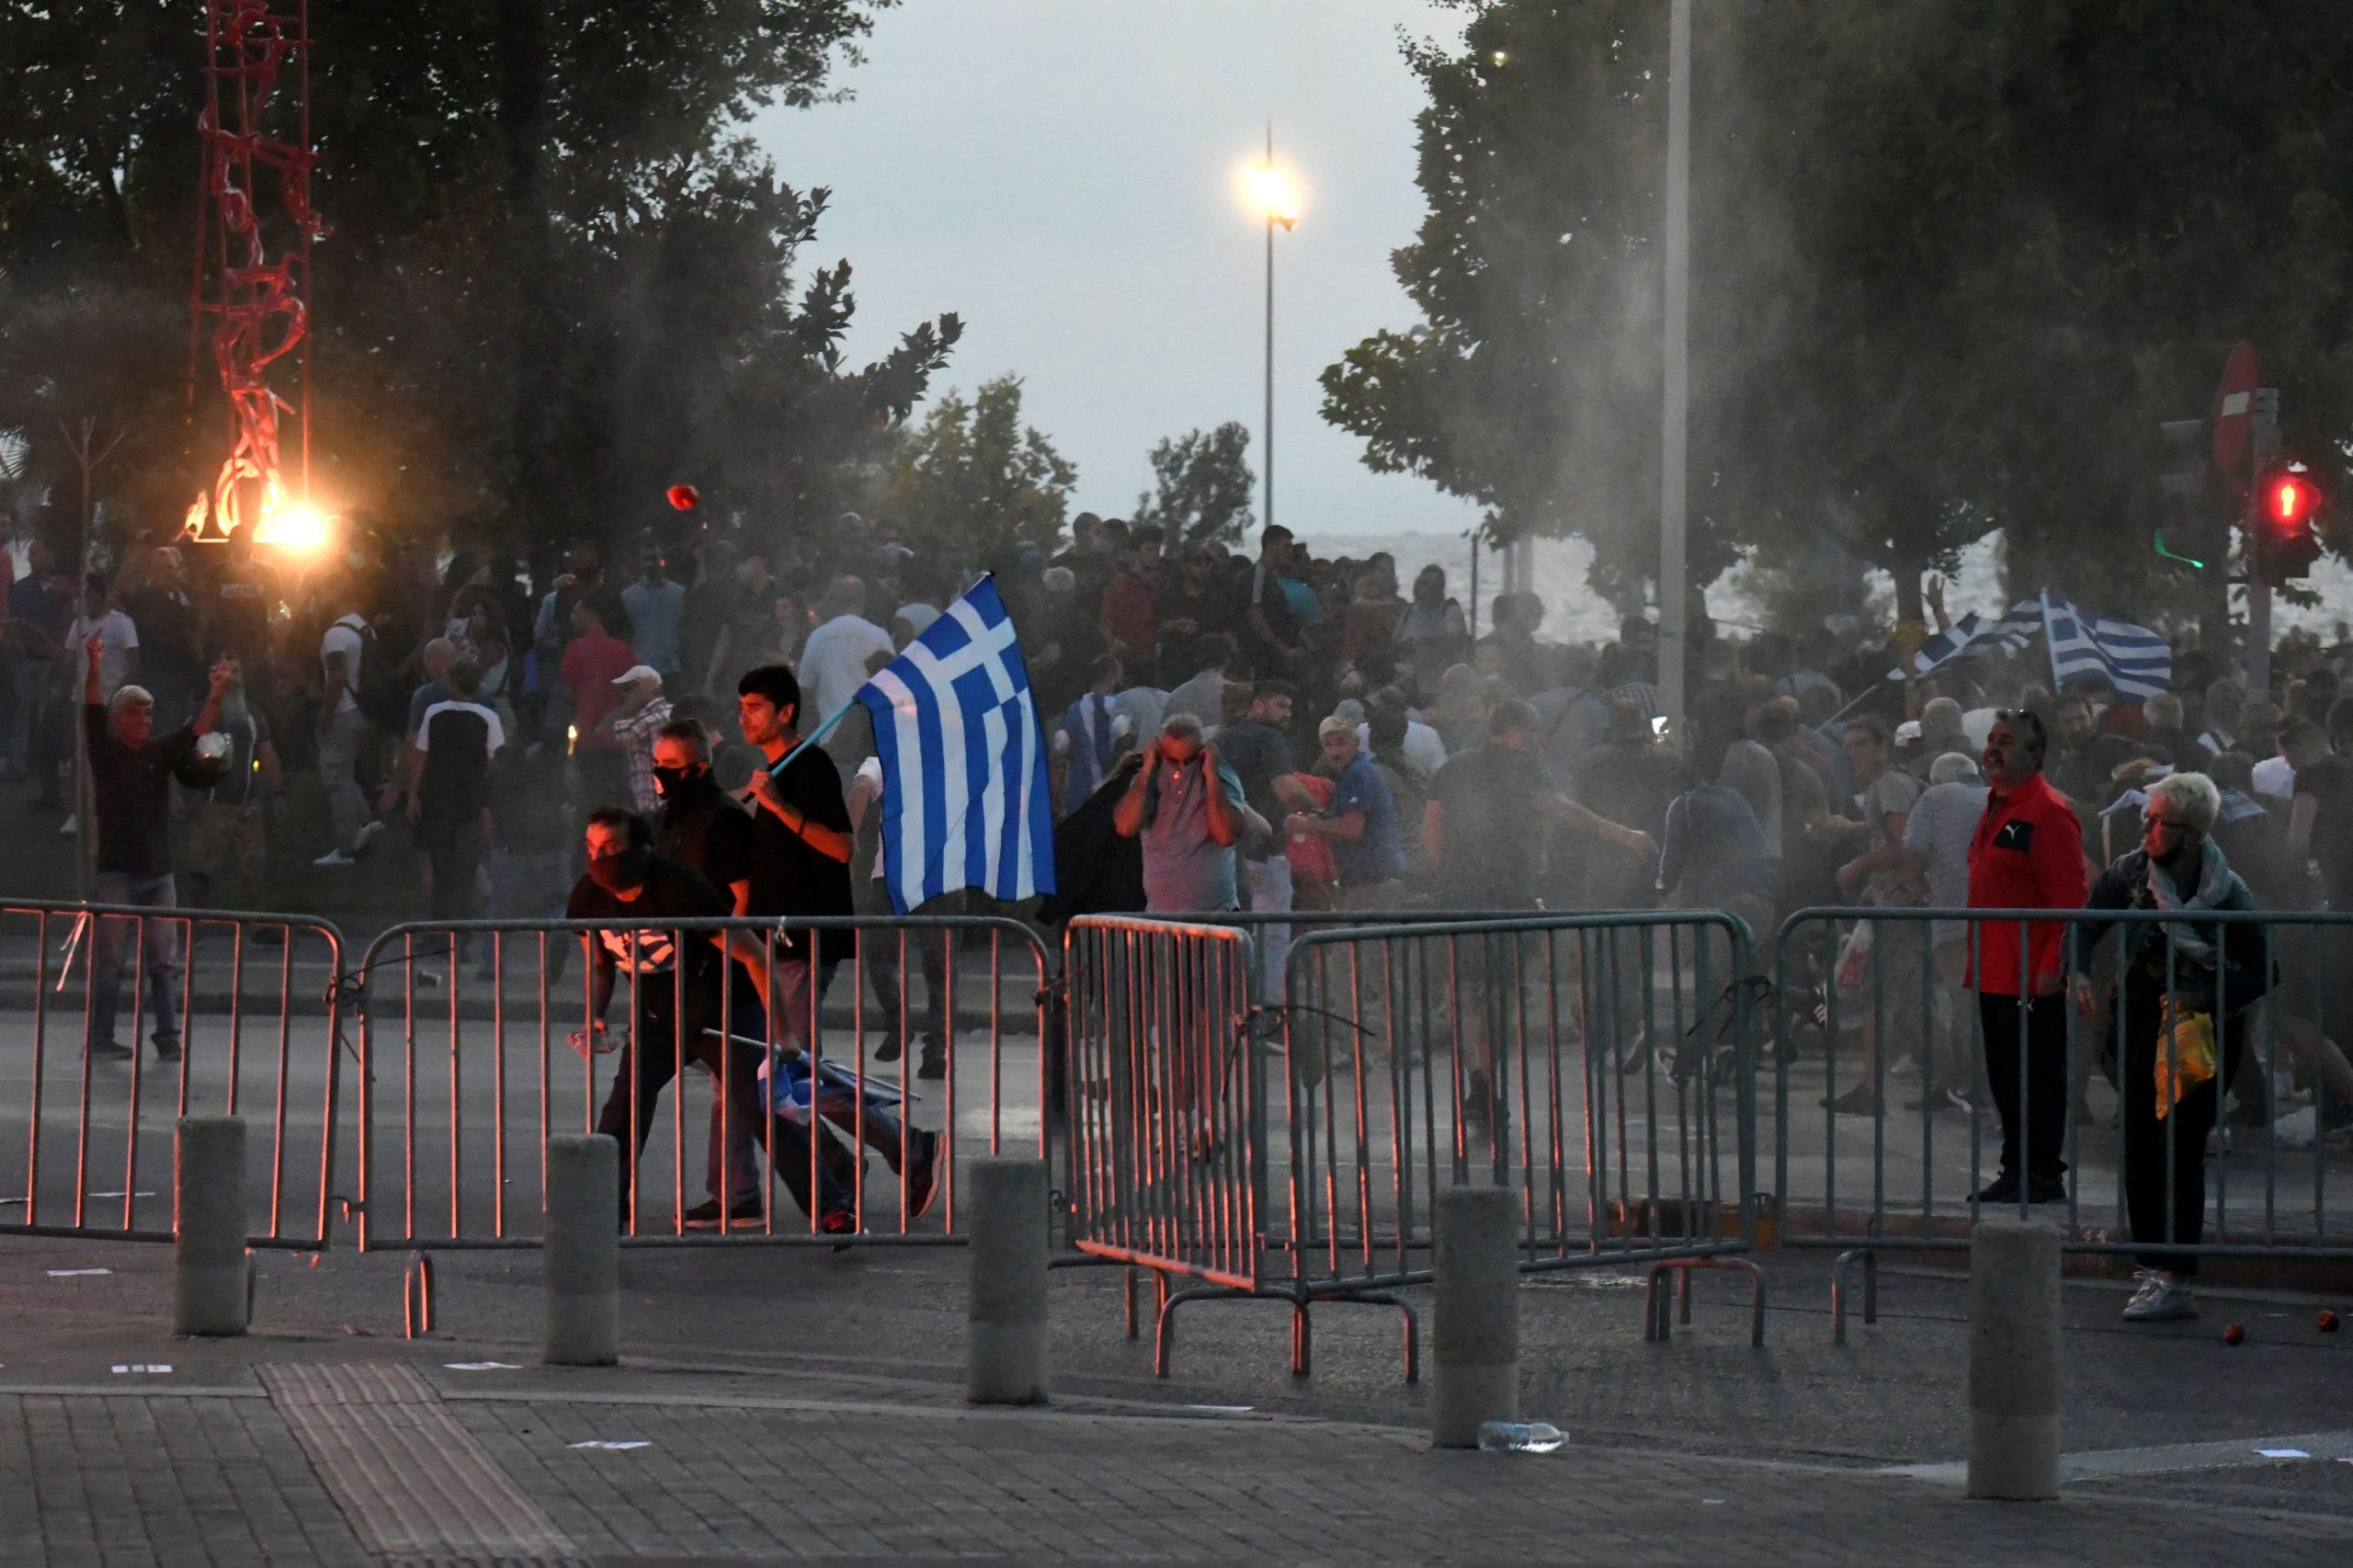 Anti Covid vaccine protesters clash with police in Greece | eKathimerini.com